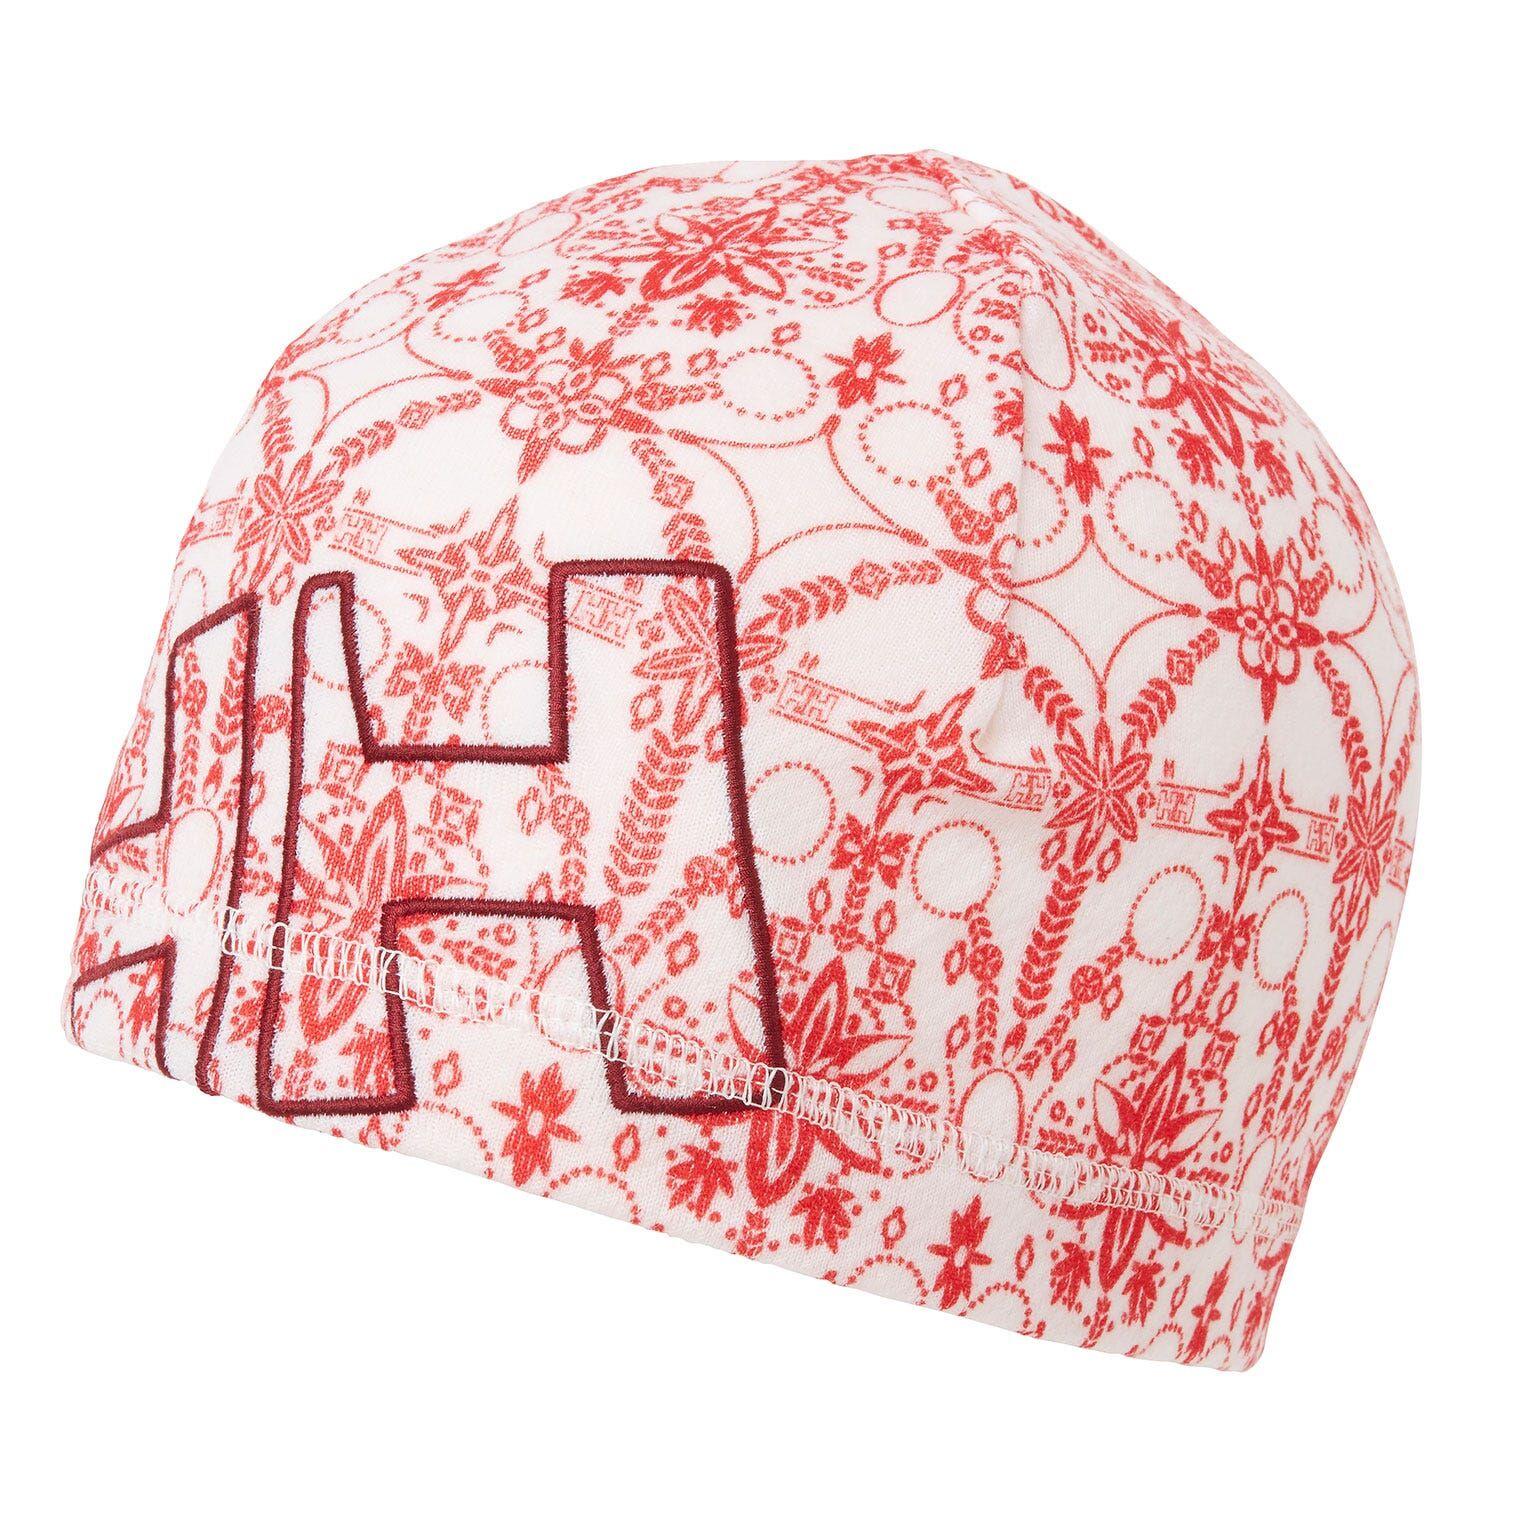 Helly Hansen Warm Beanie Red STD